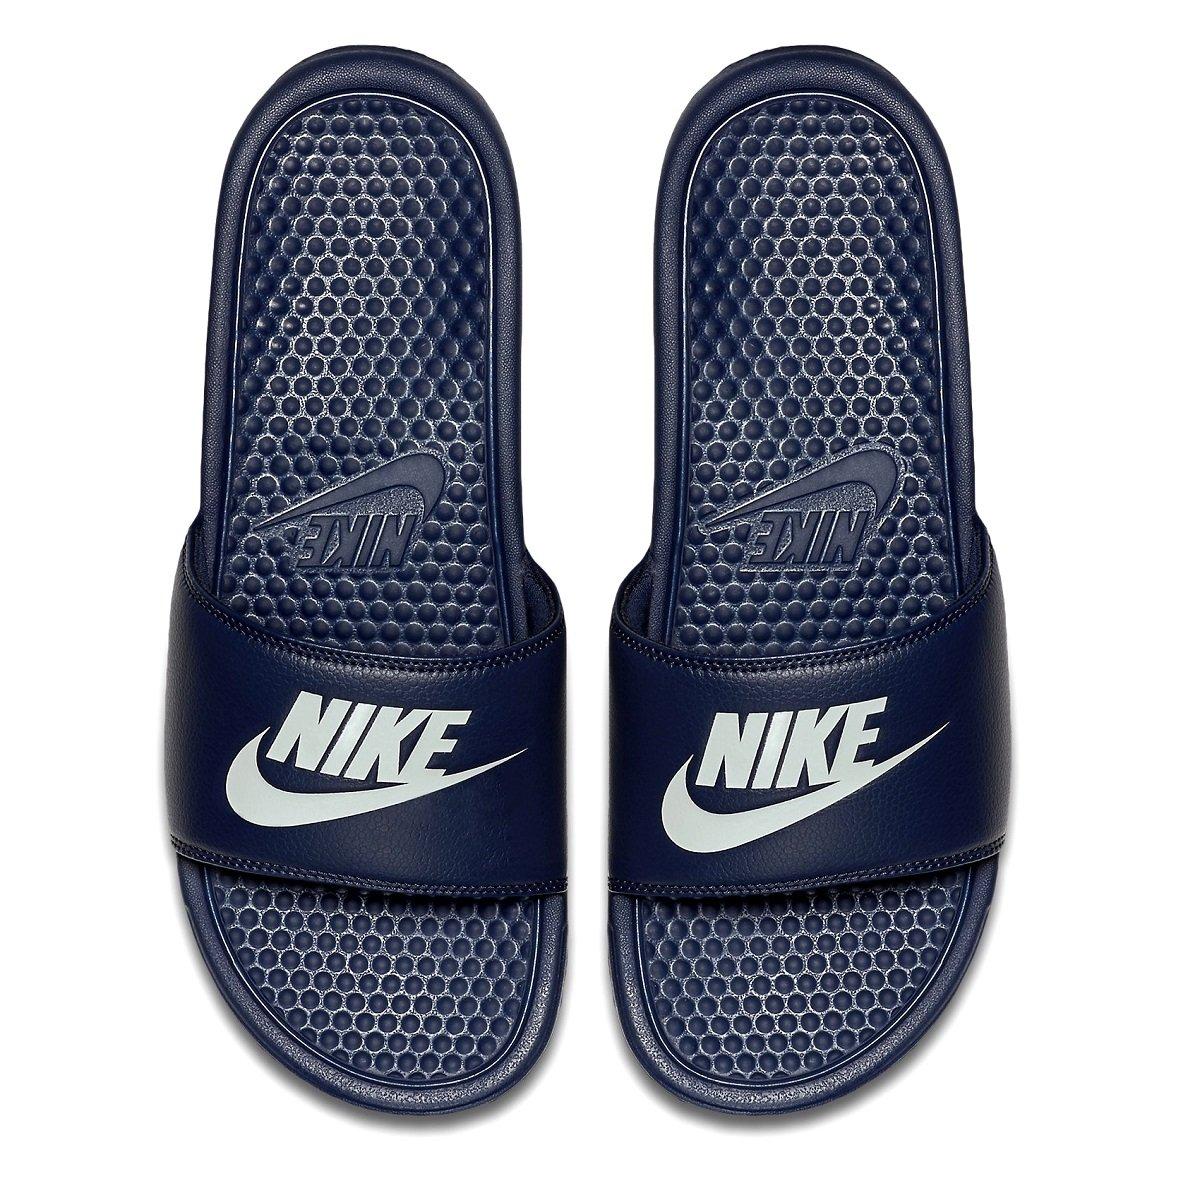 4e78cfb3774 Chinelo Nike Benassi Jdi 343880-403 - Marinho Branco - Calçados ...